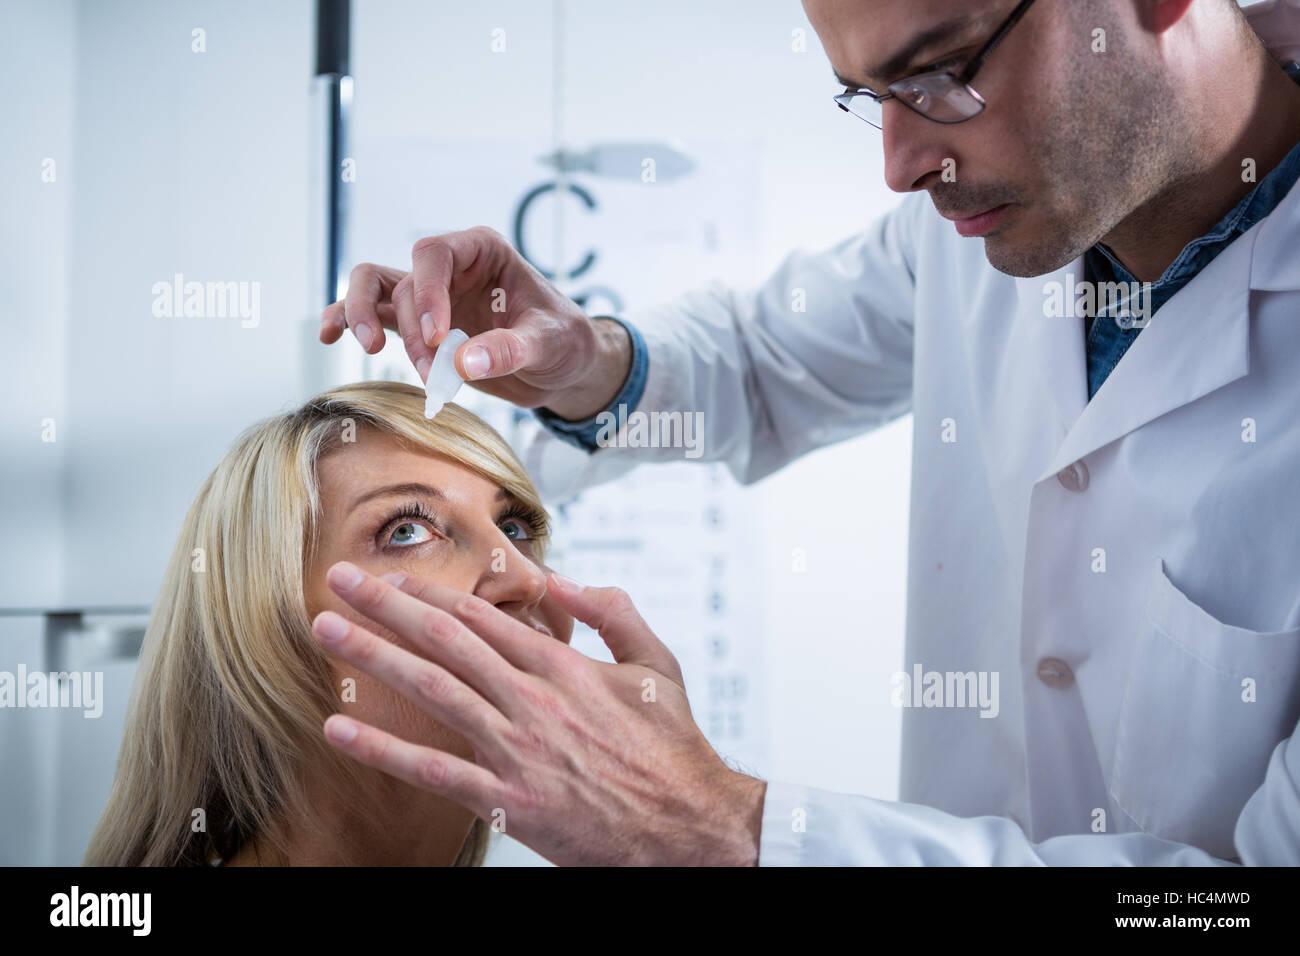 All'ottico optometrista mettendo scende in pazienti occhi Immagini Stock